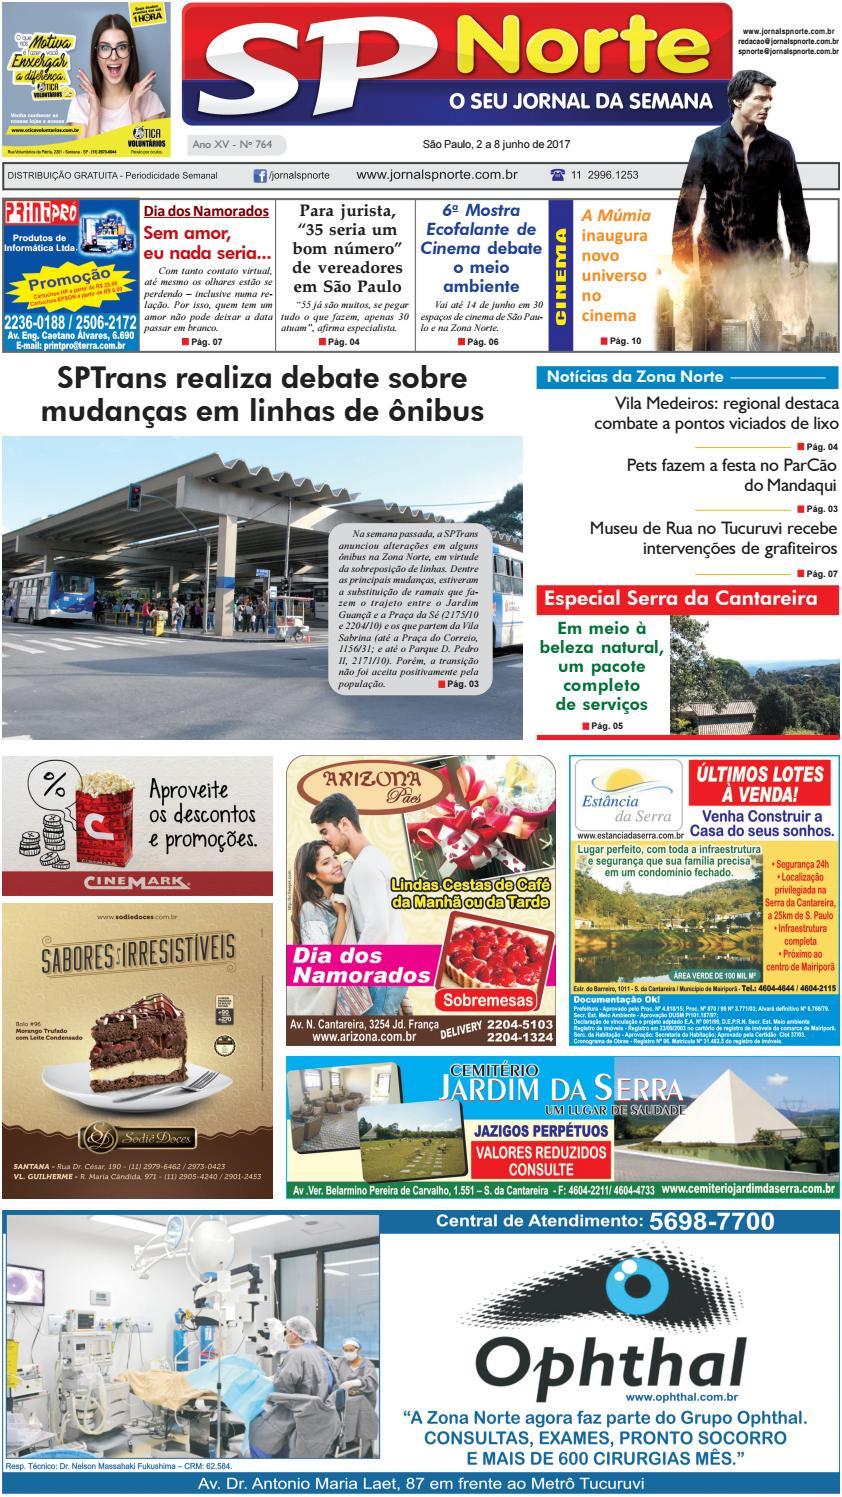 719a960a3f0 Edição 764 - 2 a 8 de junho de 2017 by Jornal SP Norte - issuu